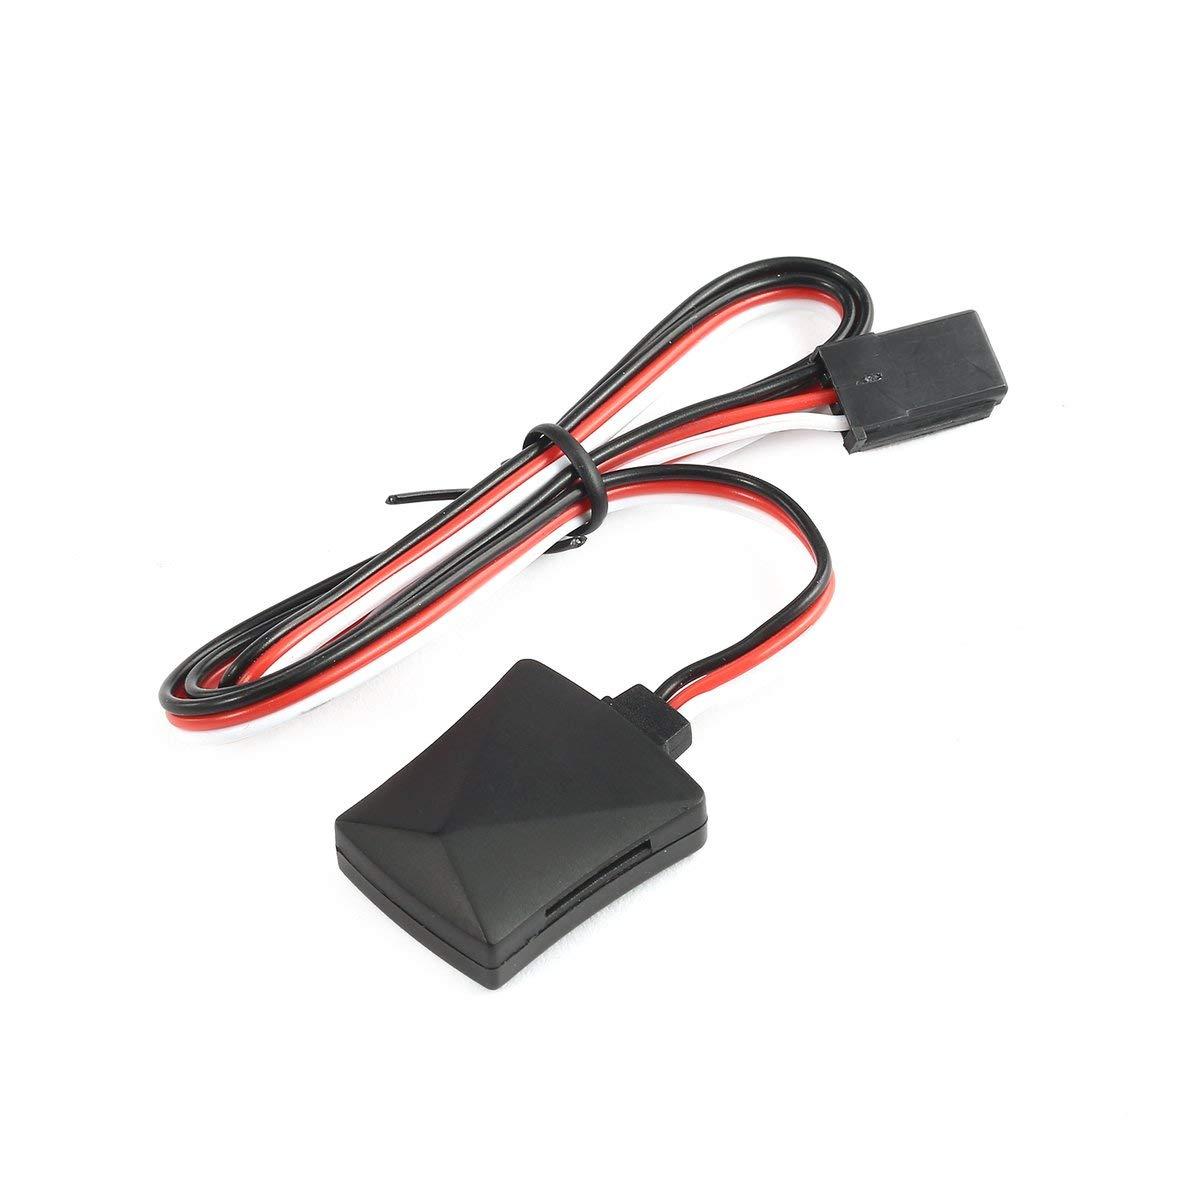 gfjfghfjfh Cable del comprobador de la sonda del Sensor de Temperatura con Sensor de Temperatura para el Control de Temperatura del Cargador de bater/ía iMAX B6 B6AC